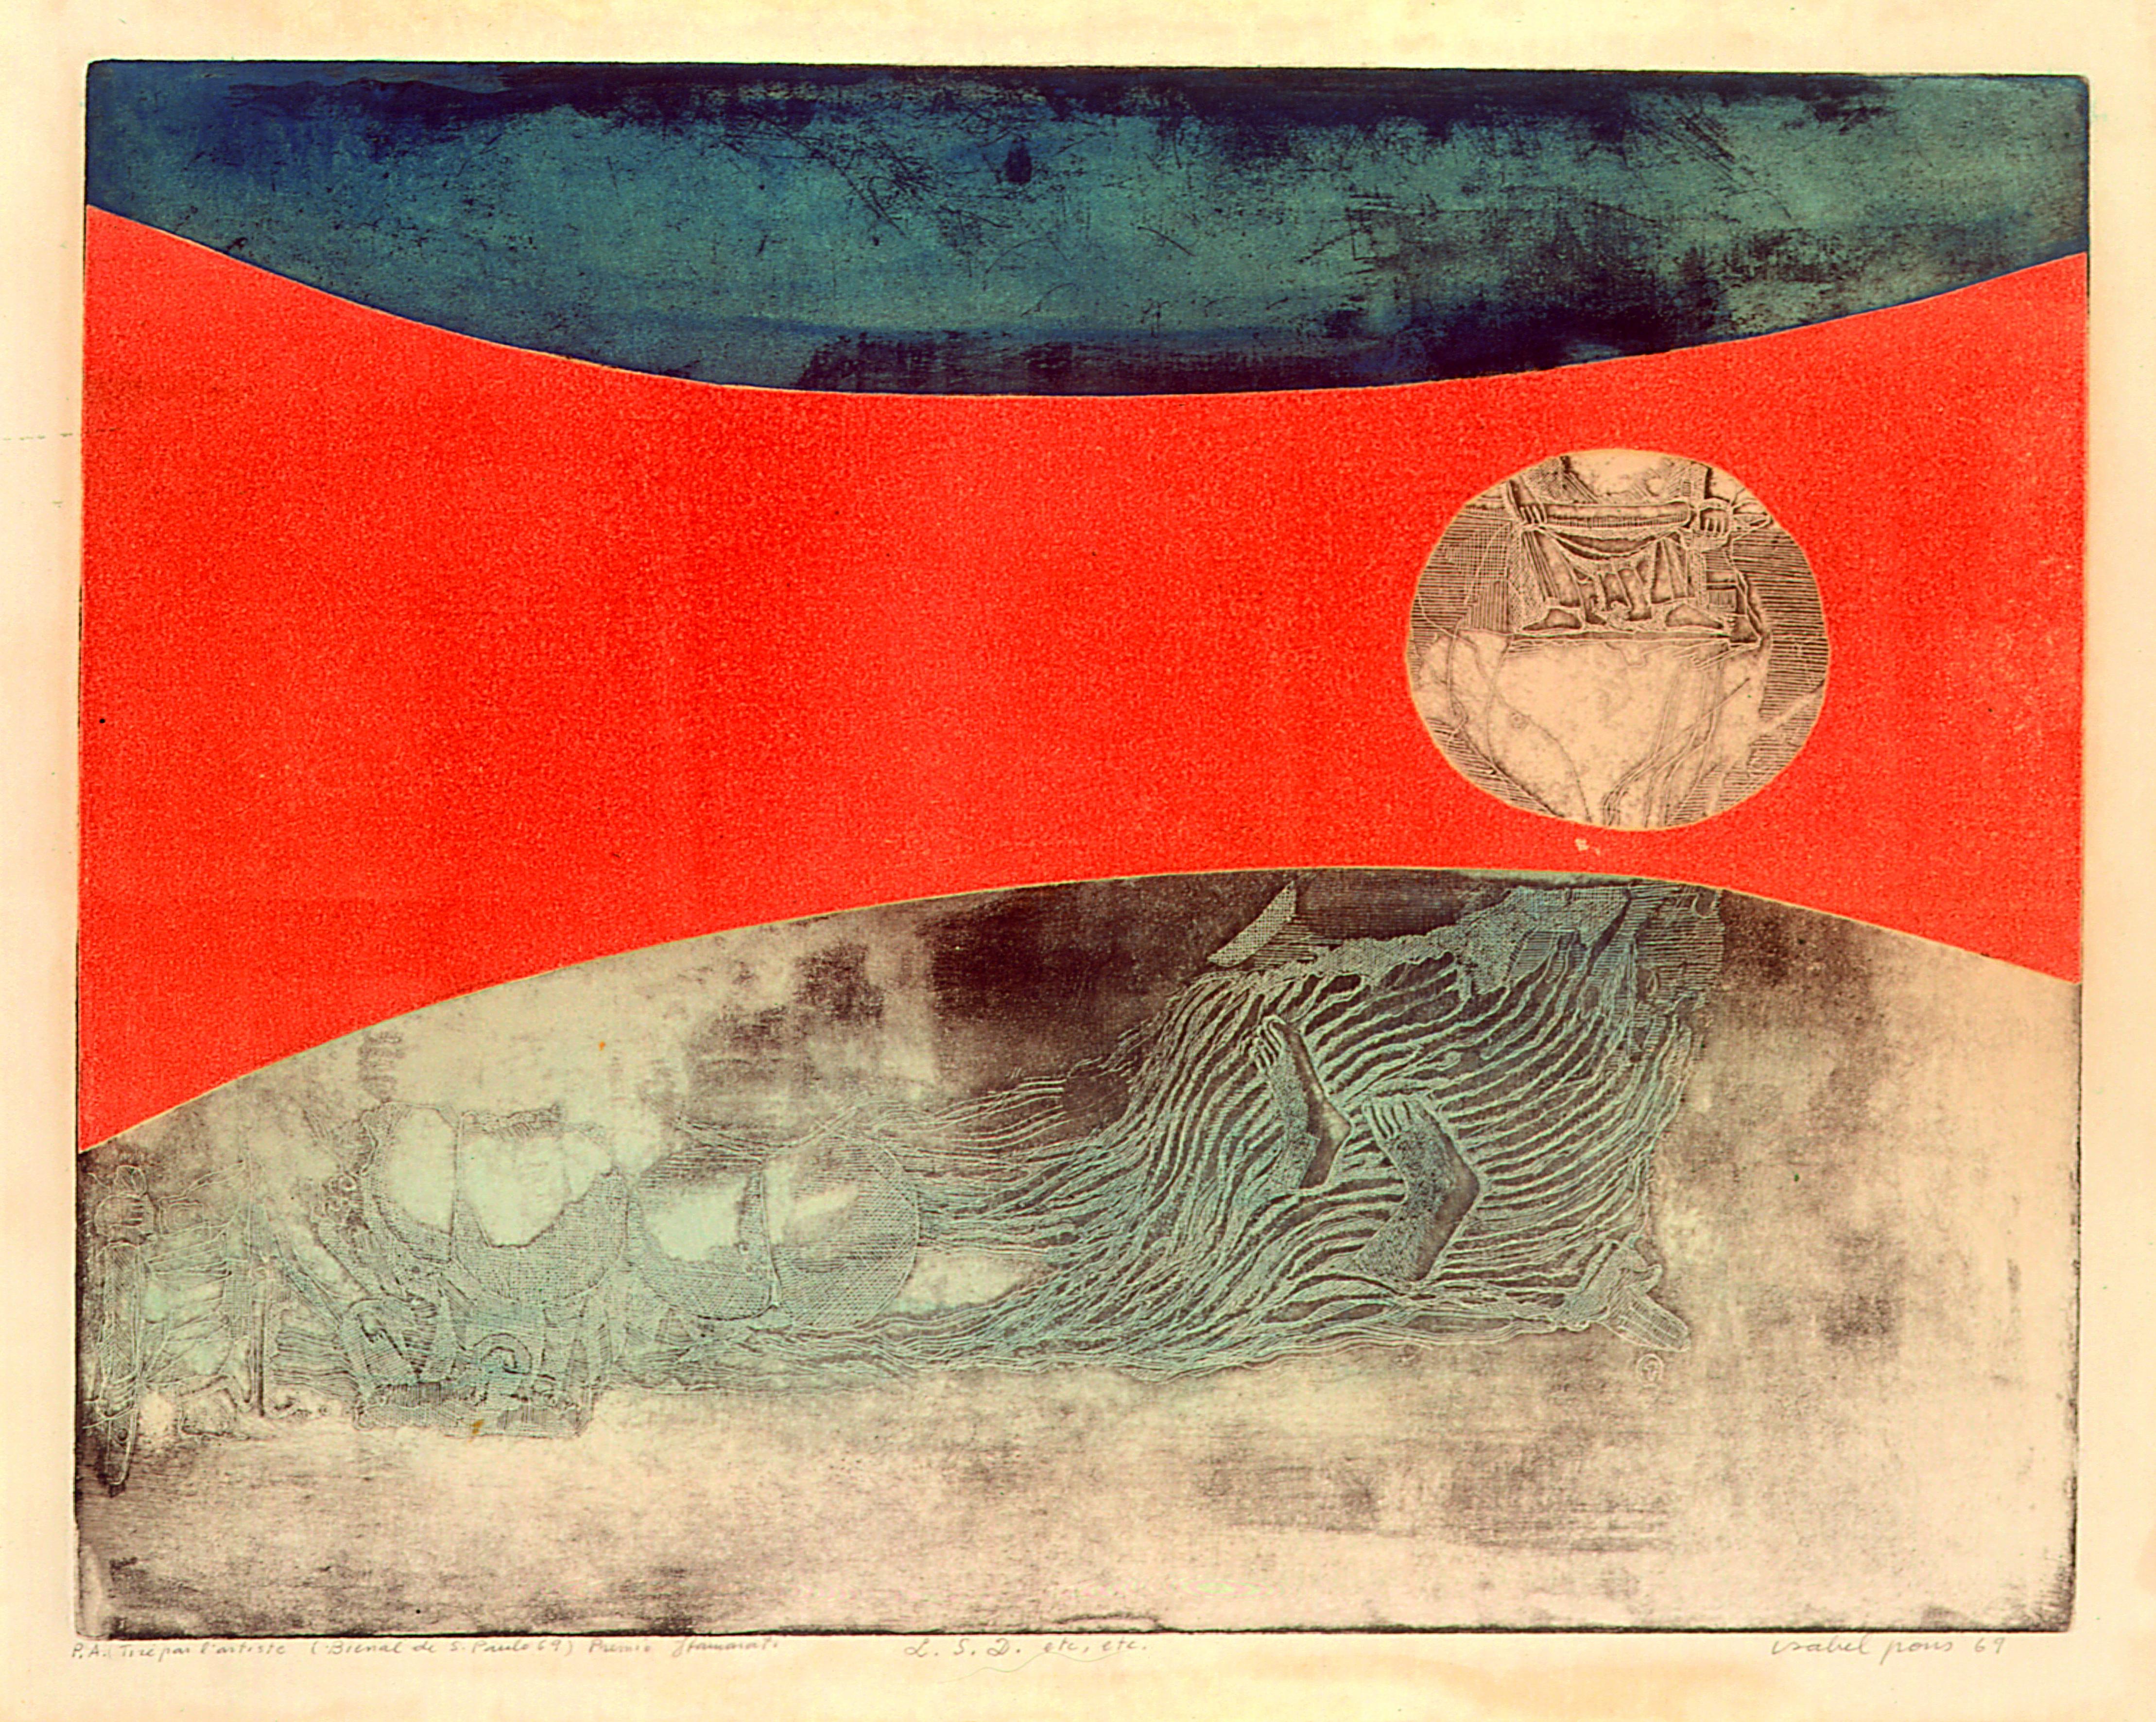 L.S.D. Autor: Isabel Pons Ano: 1969 Técnica: Calcografia. Água-forte e Água-tinta (P.A.) Dimensão: 39cm x 49cm